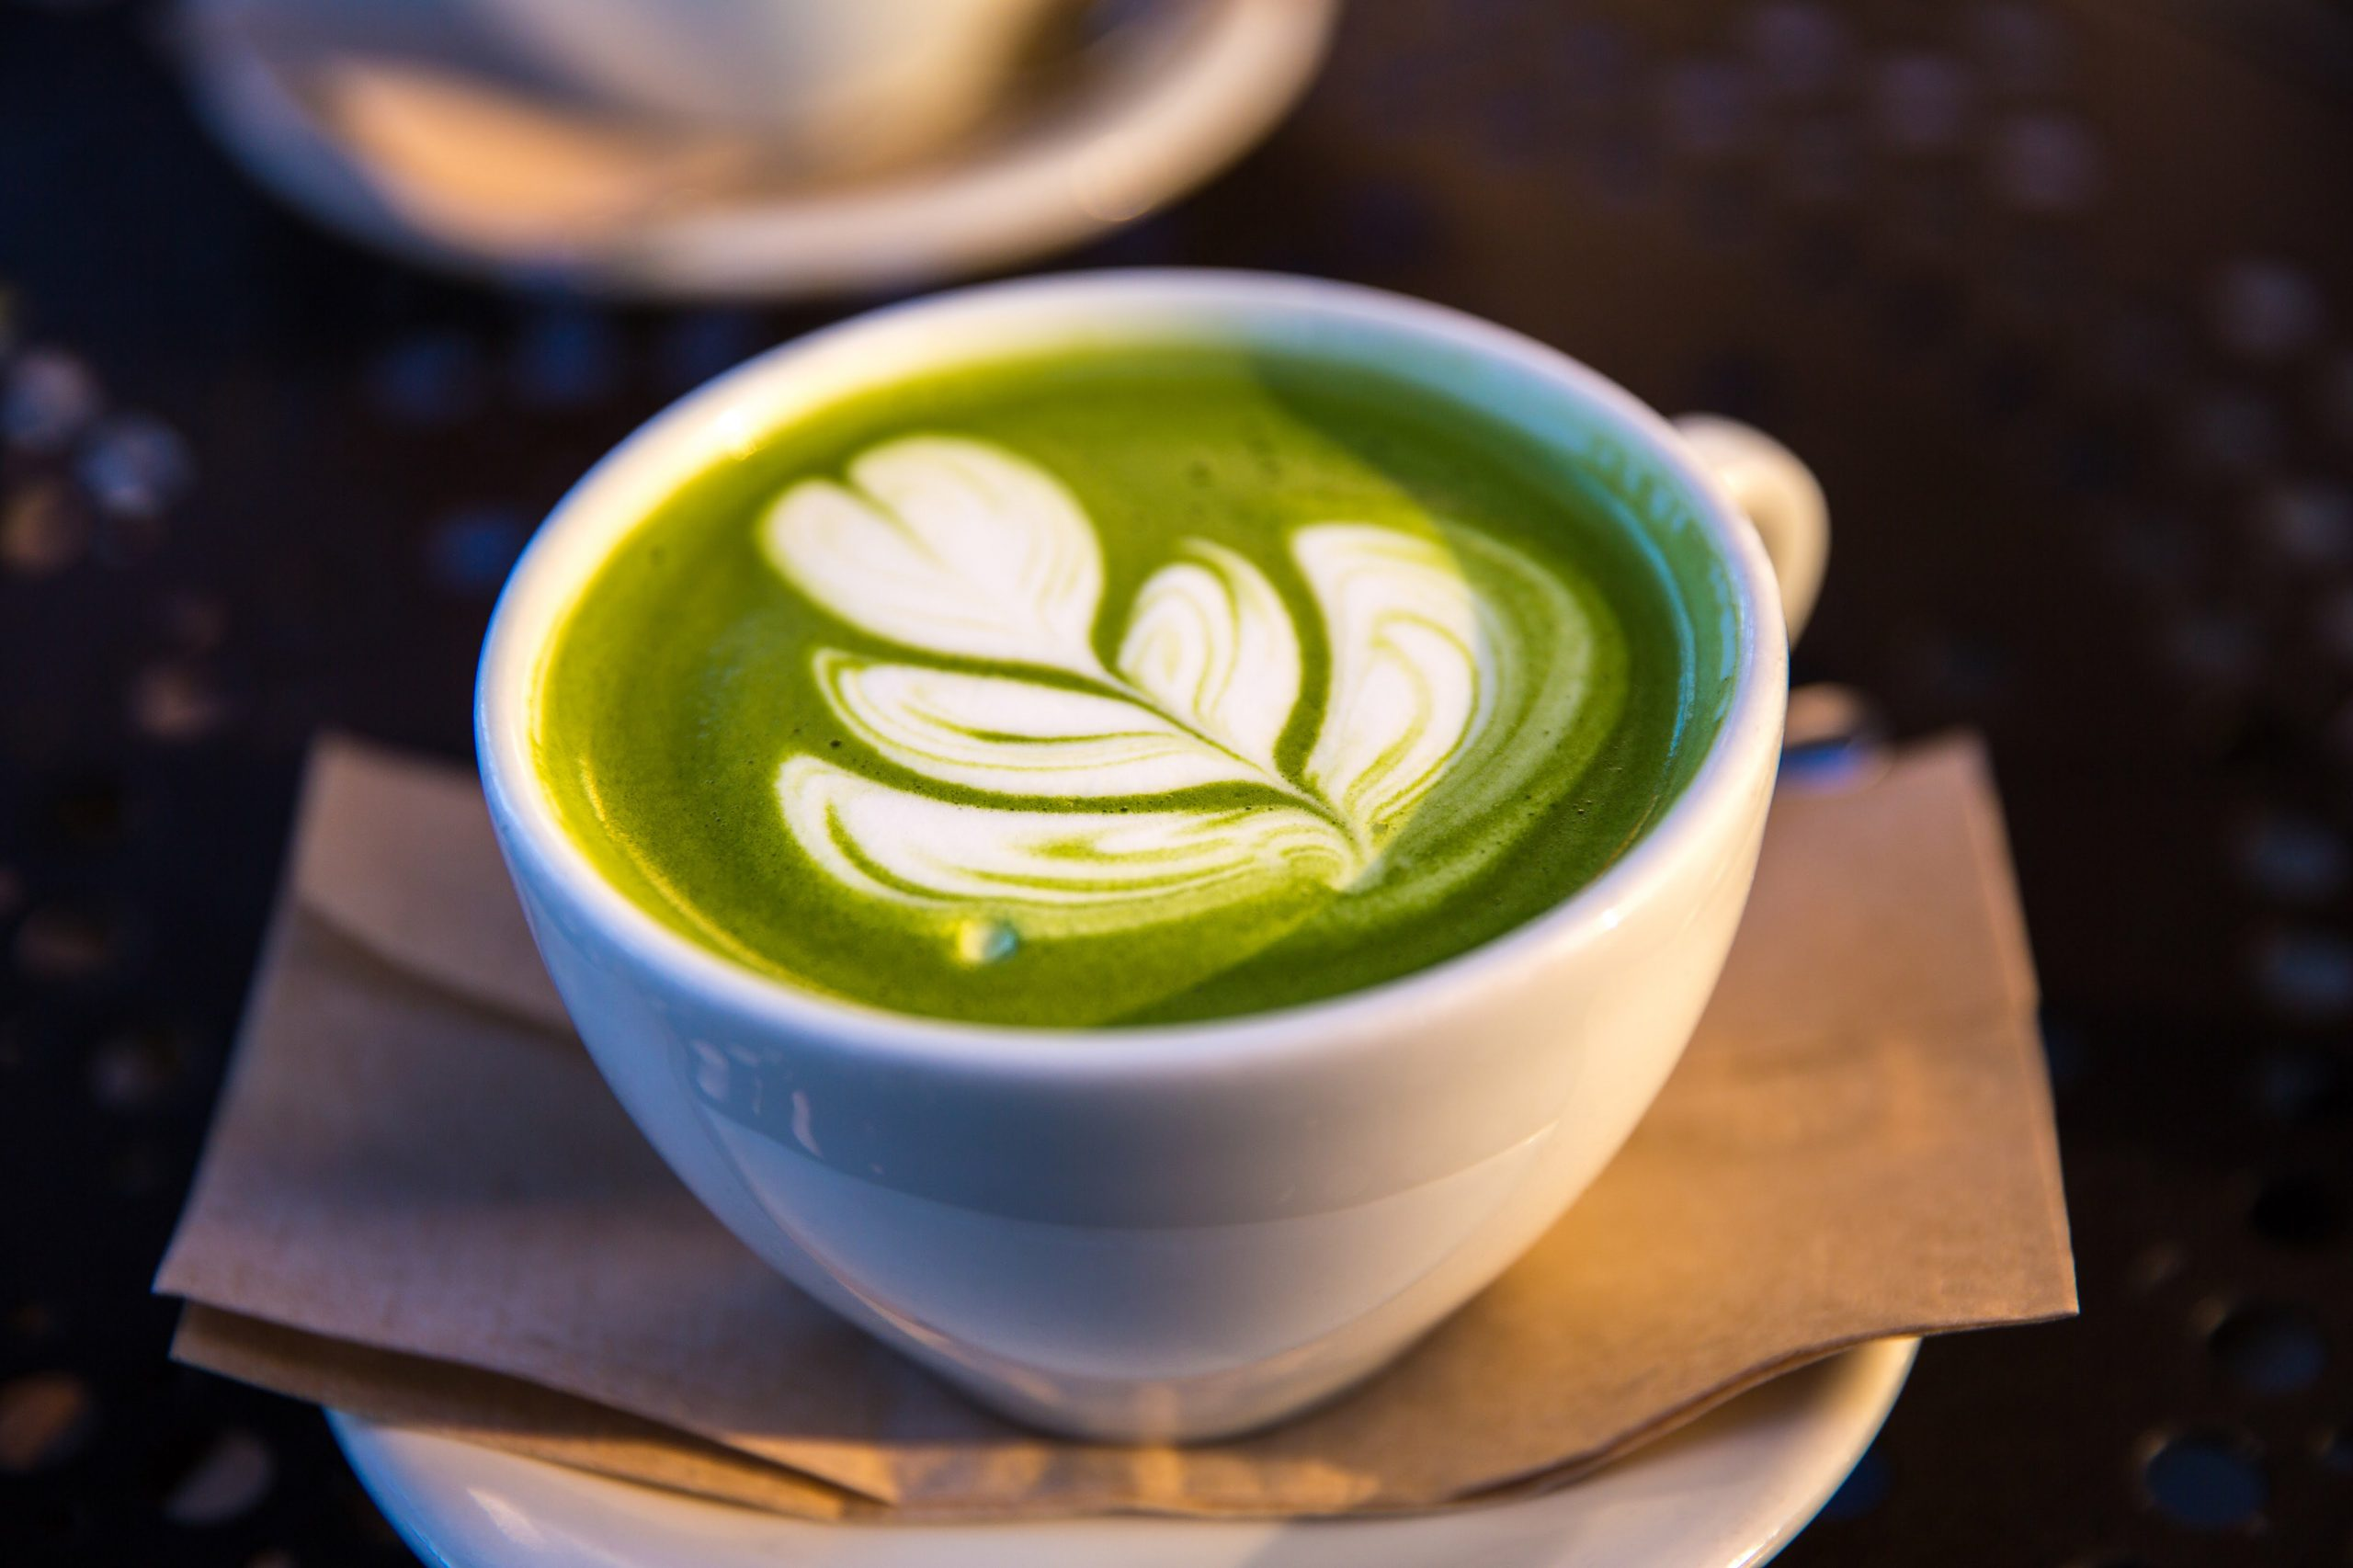 Imagem de uma xícara de café verde.